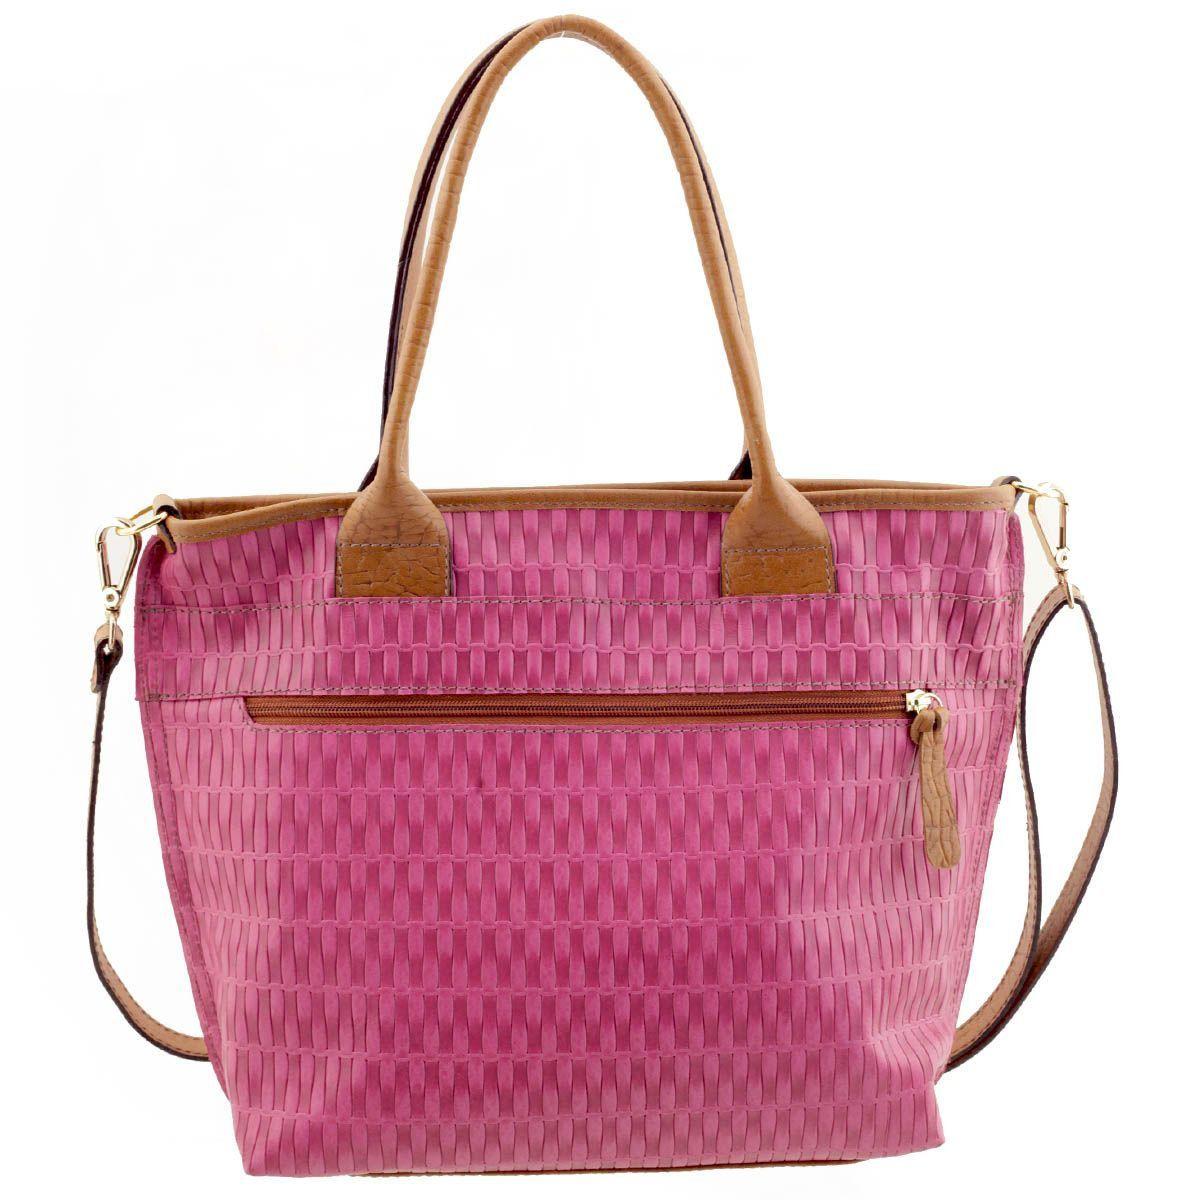 d5c5ab5a8 ... Bolsa Feminina de Couro Pink - ARZON